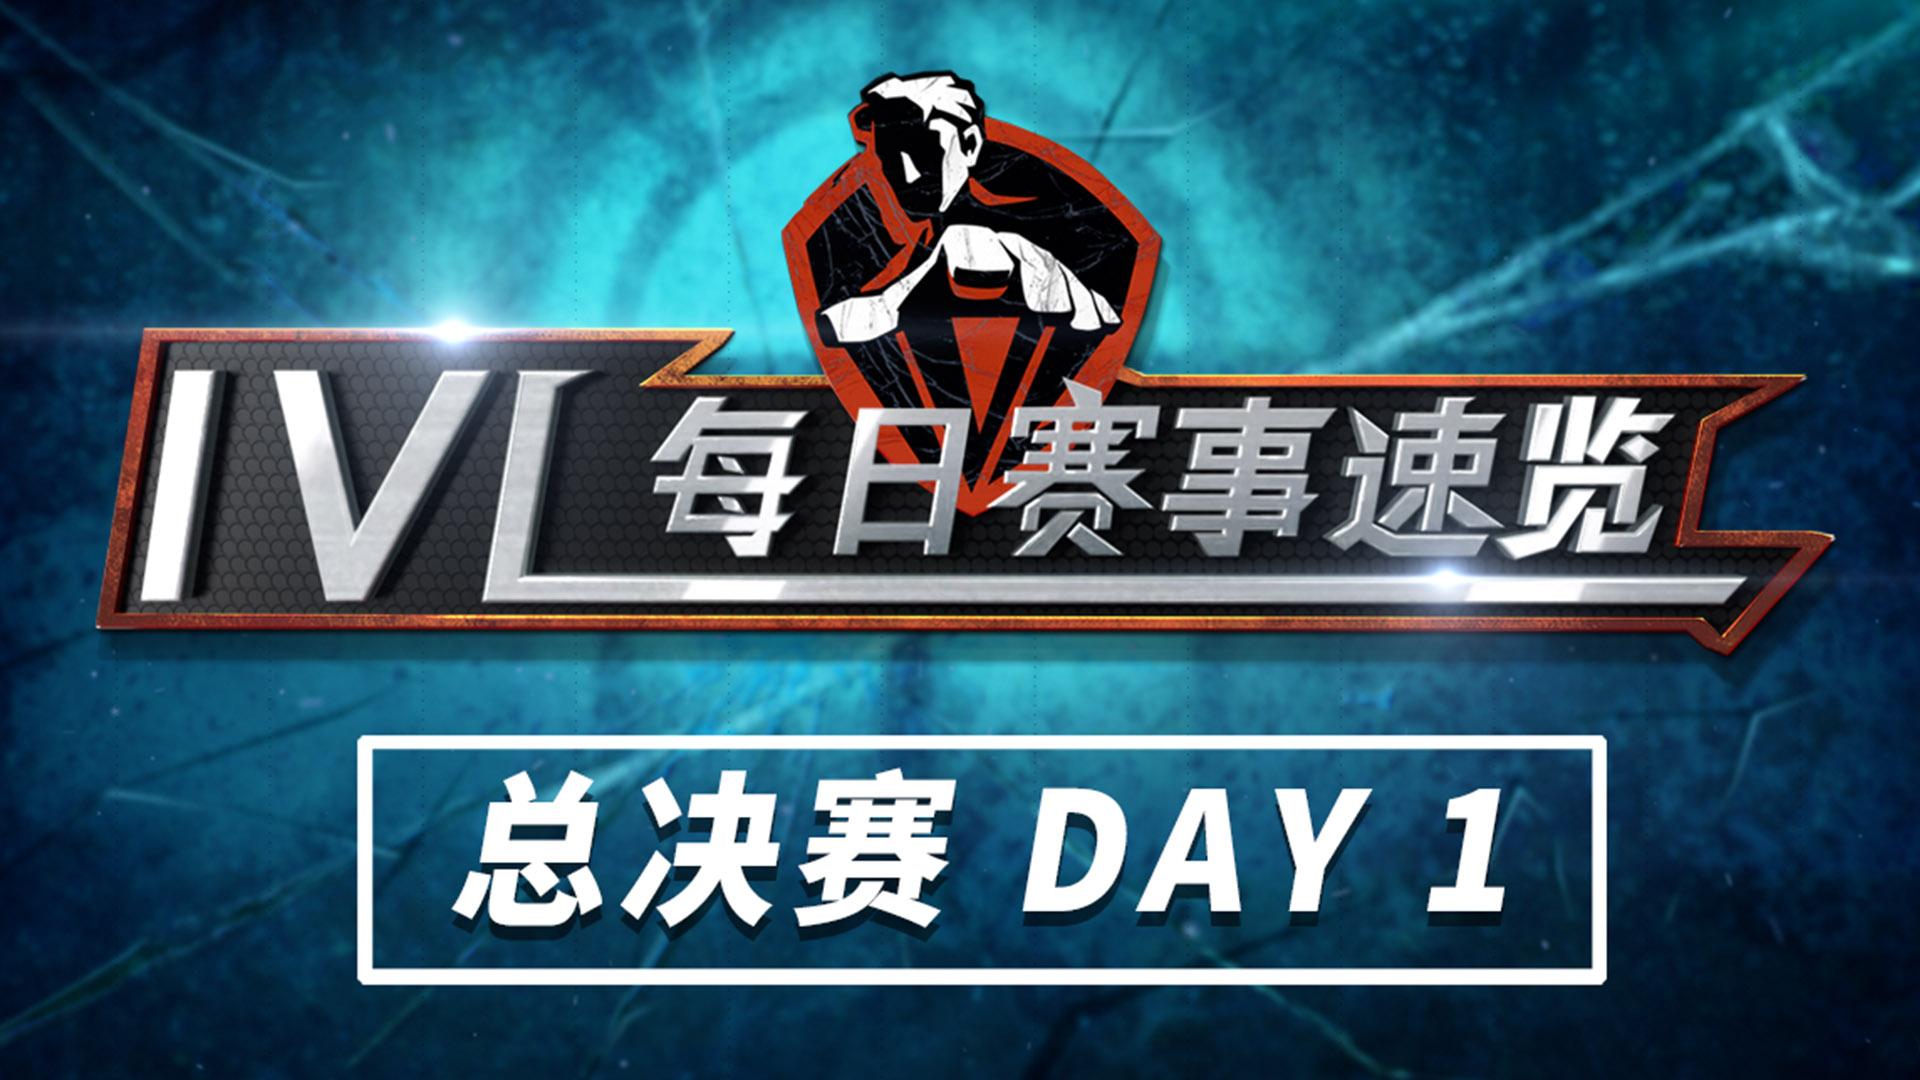 【2020IVL】夏季赛总决赛Day1 赛事速览